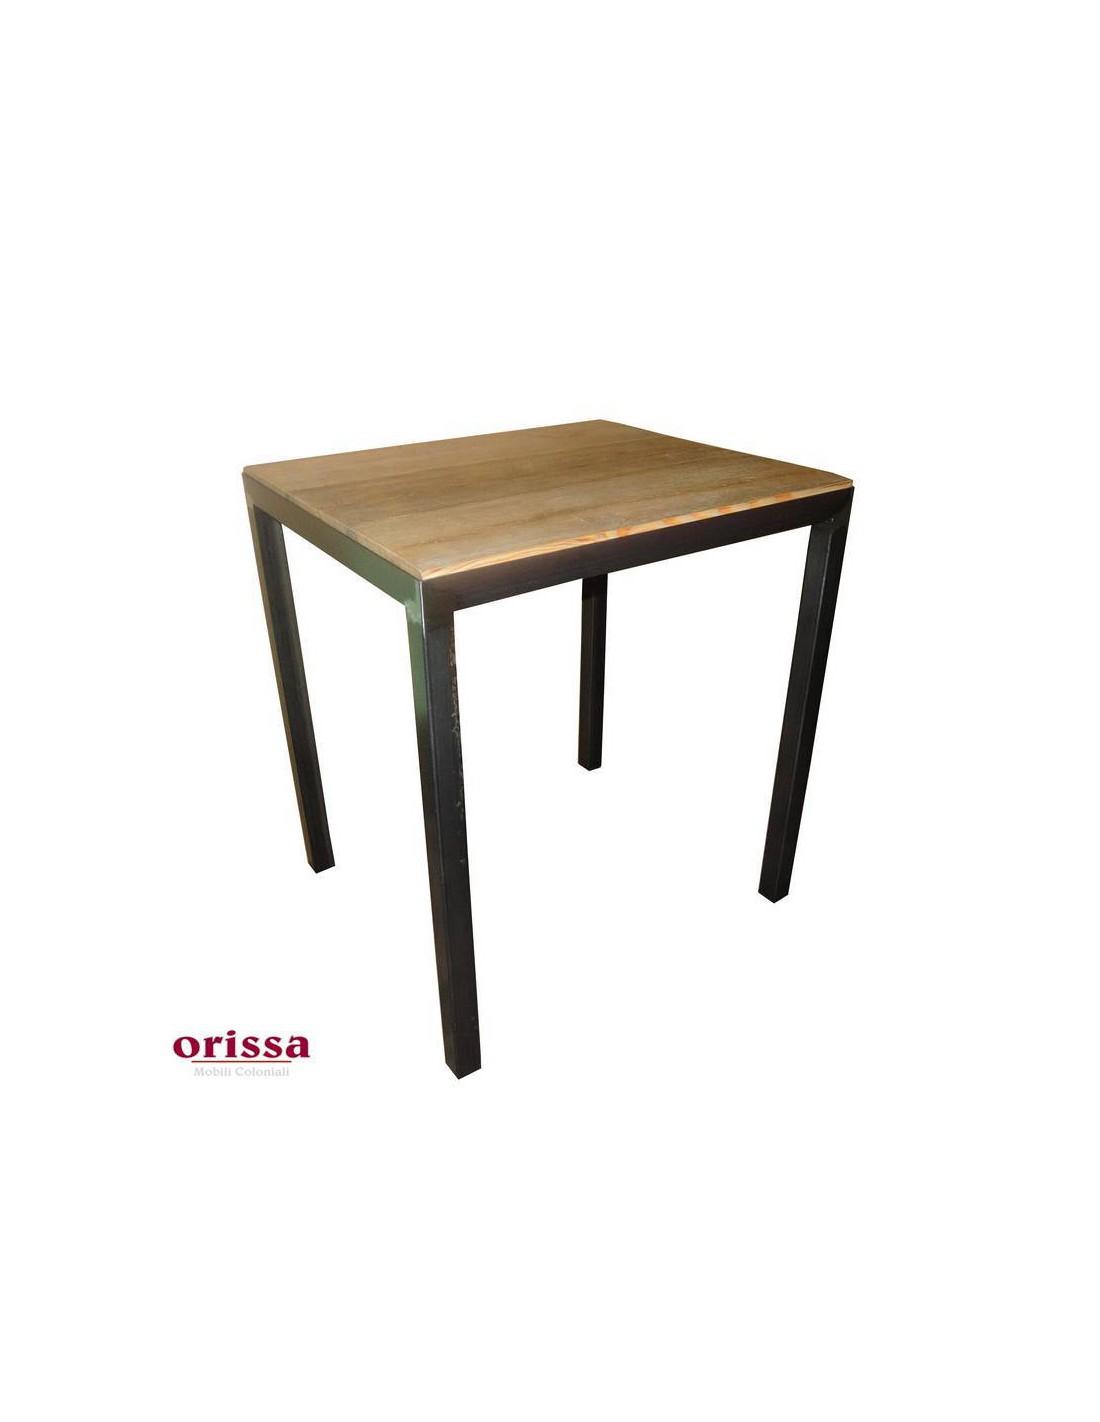 tavolo bistrot stile industrial legno e ferro - Orissa Milano